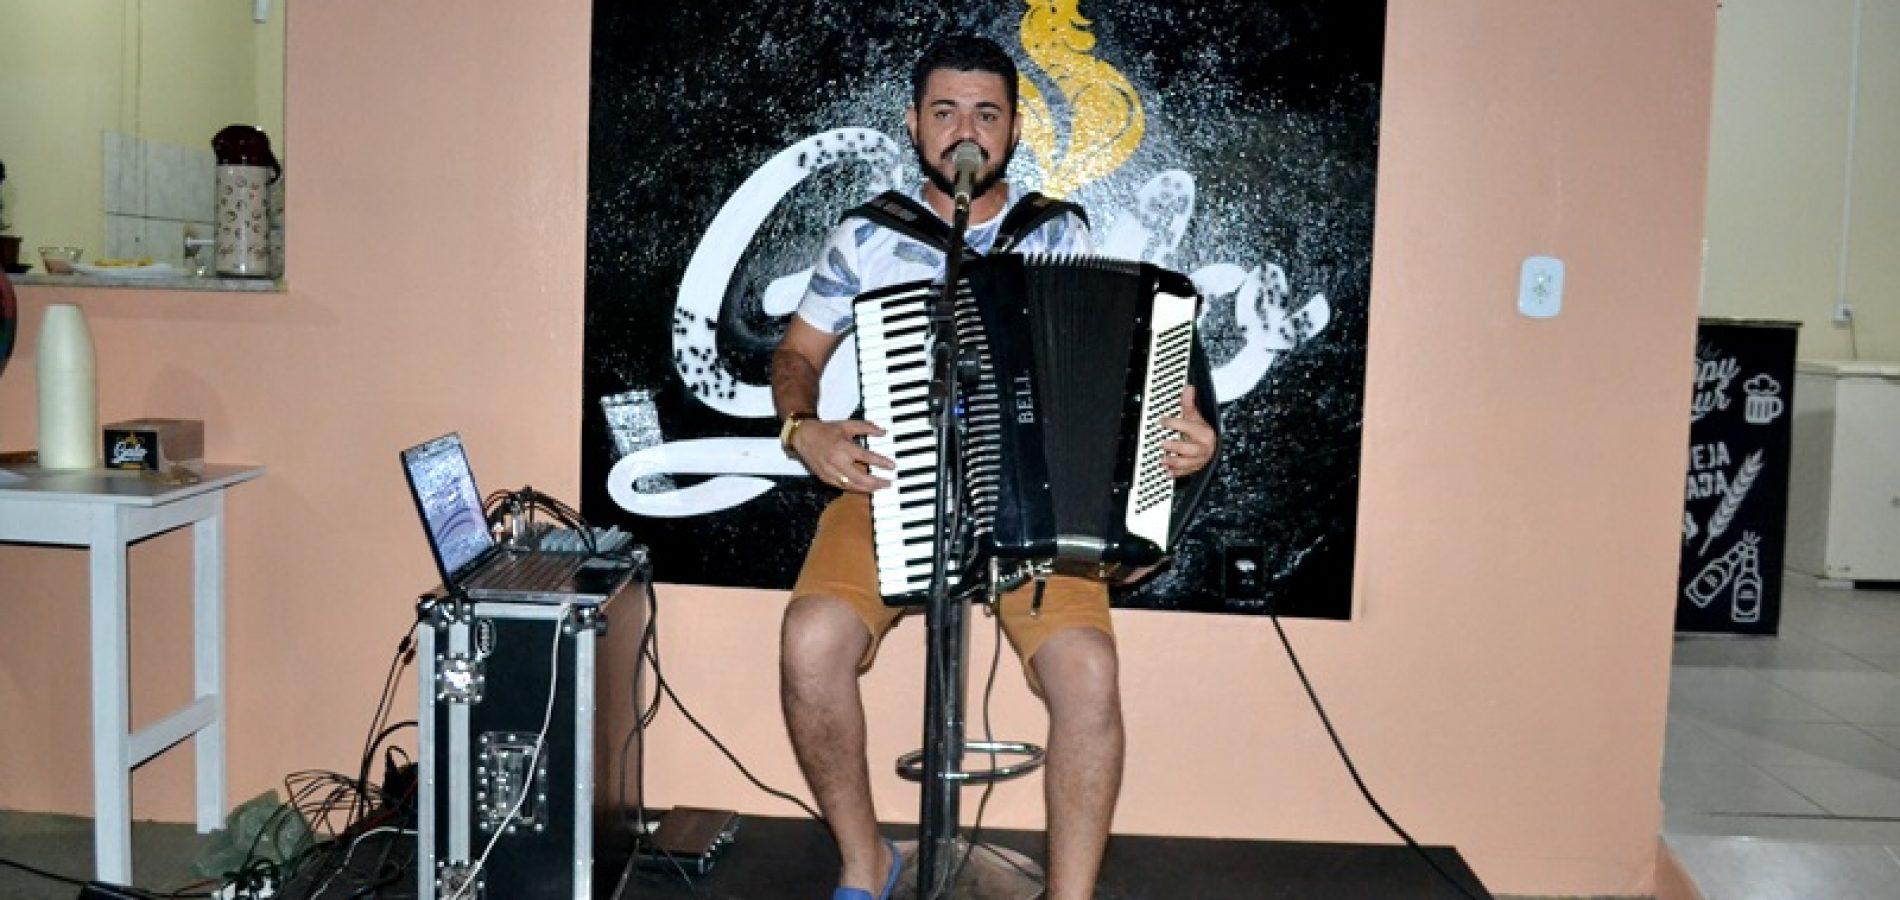 JAICÓS | Veja fotos do show com Isael Veloso no Galo Beer